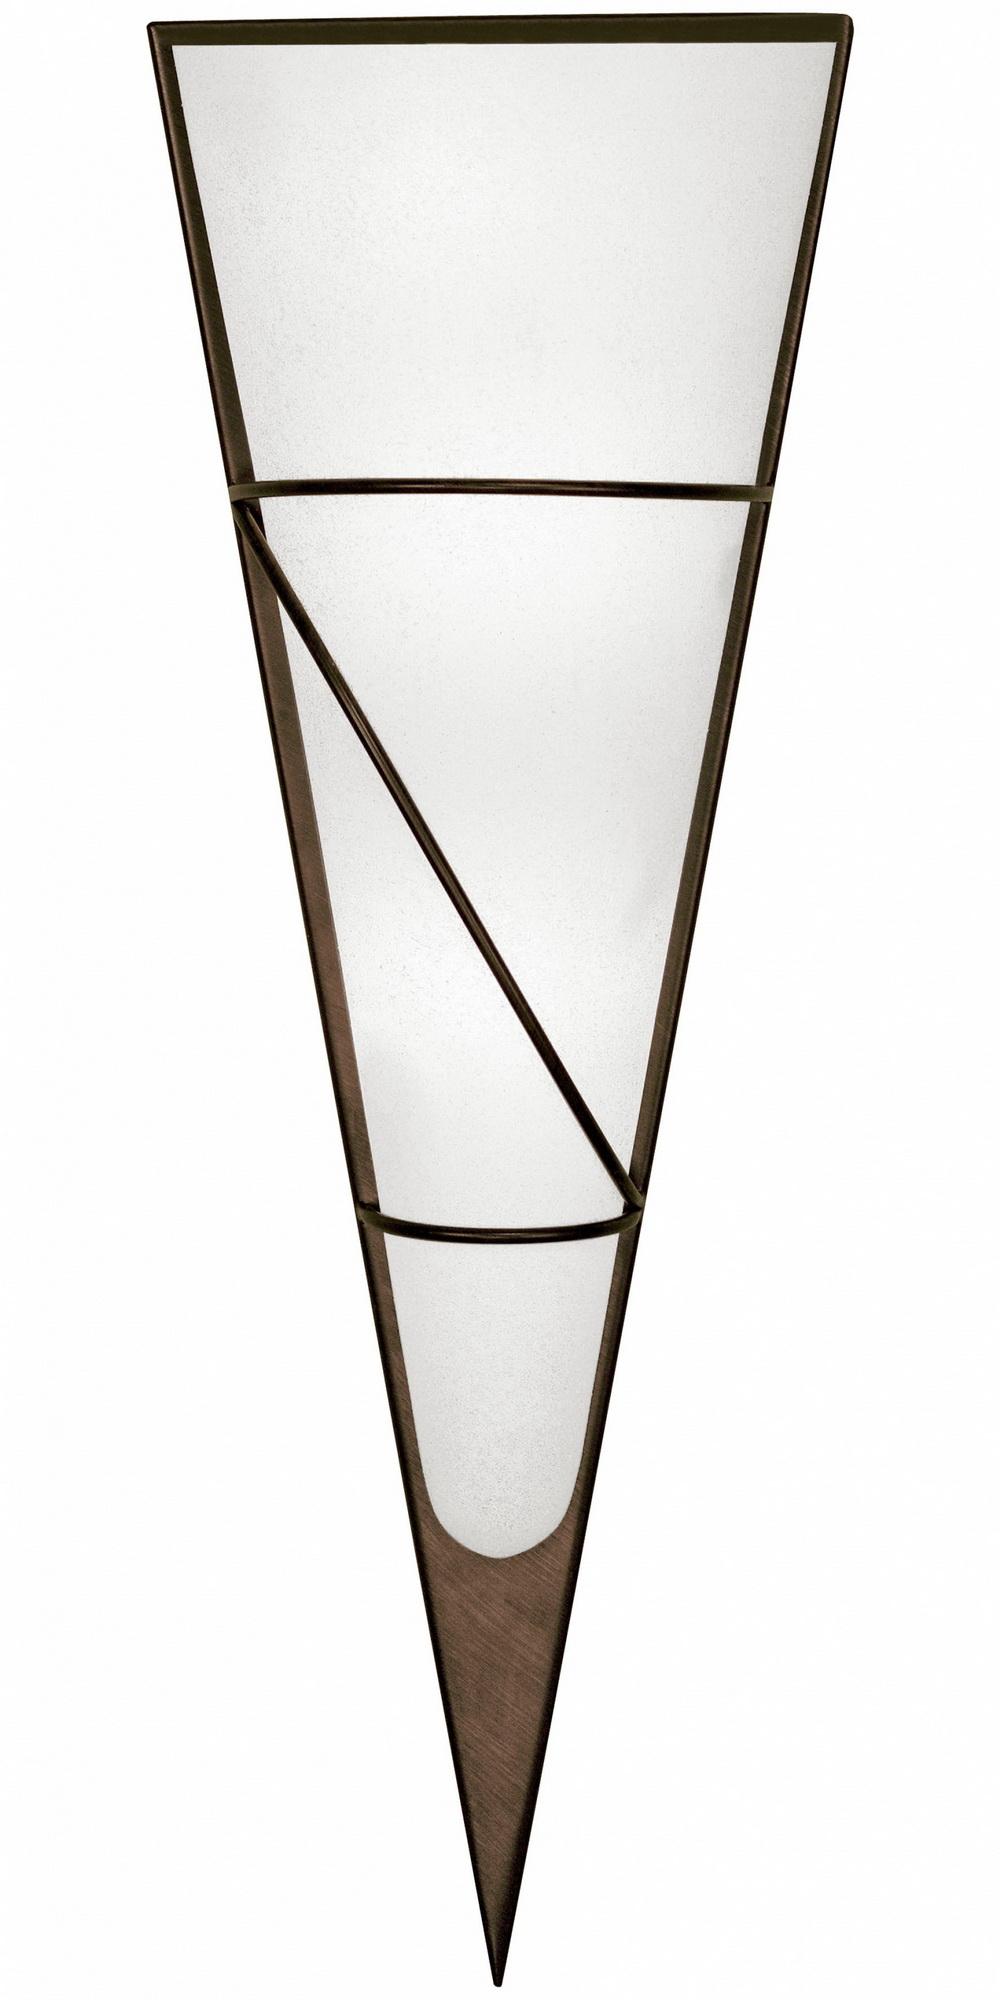 Светильник настенно-потолочный EgloСветильники настенно-потолочные<br>Мощность: 60,<br>Количество ламп: 1,<br>Назначение светильника: для комнаты,<br>Стиль светильника: модерн,<br>Материал светильника: металл, стекло,<br>Тип лампы: накаливания,<br>Длина (мм): 220,<br>Ширина: 700,<br>Патрон: Е27,<br>Цвет арматуры: коричневый,<br>Вес нетто: 1.899<br>